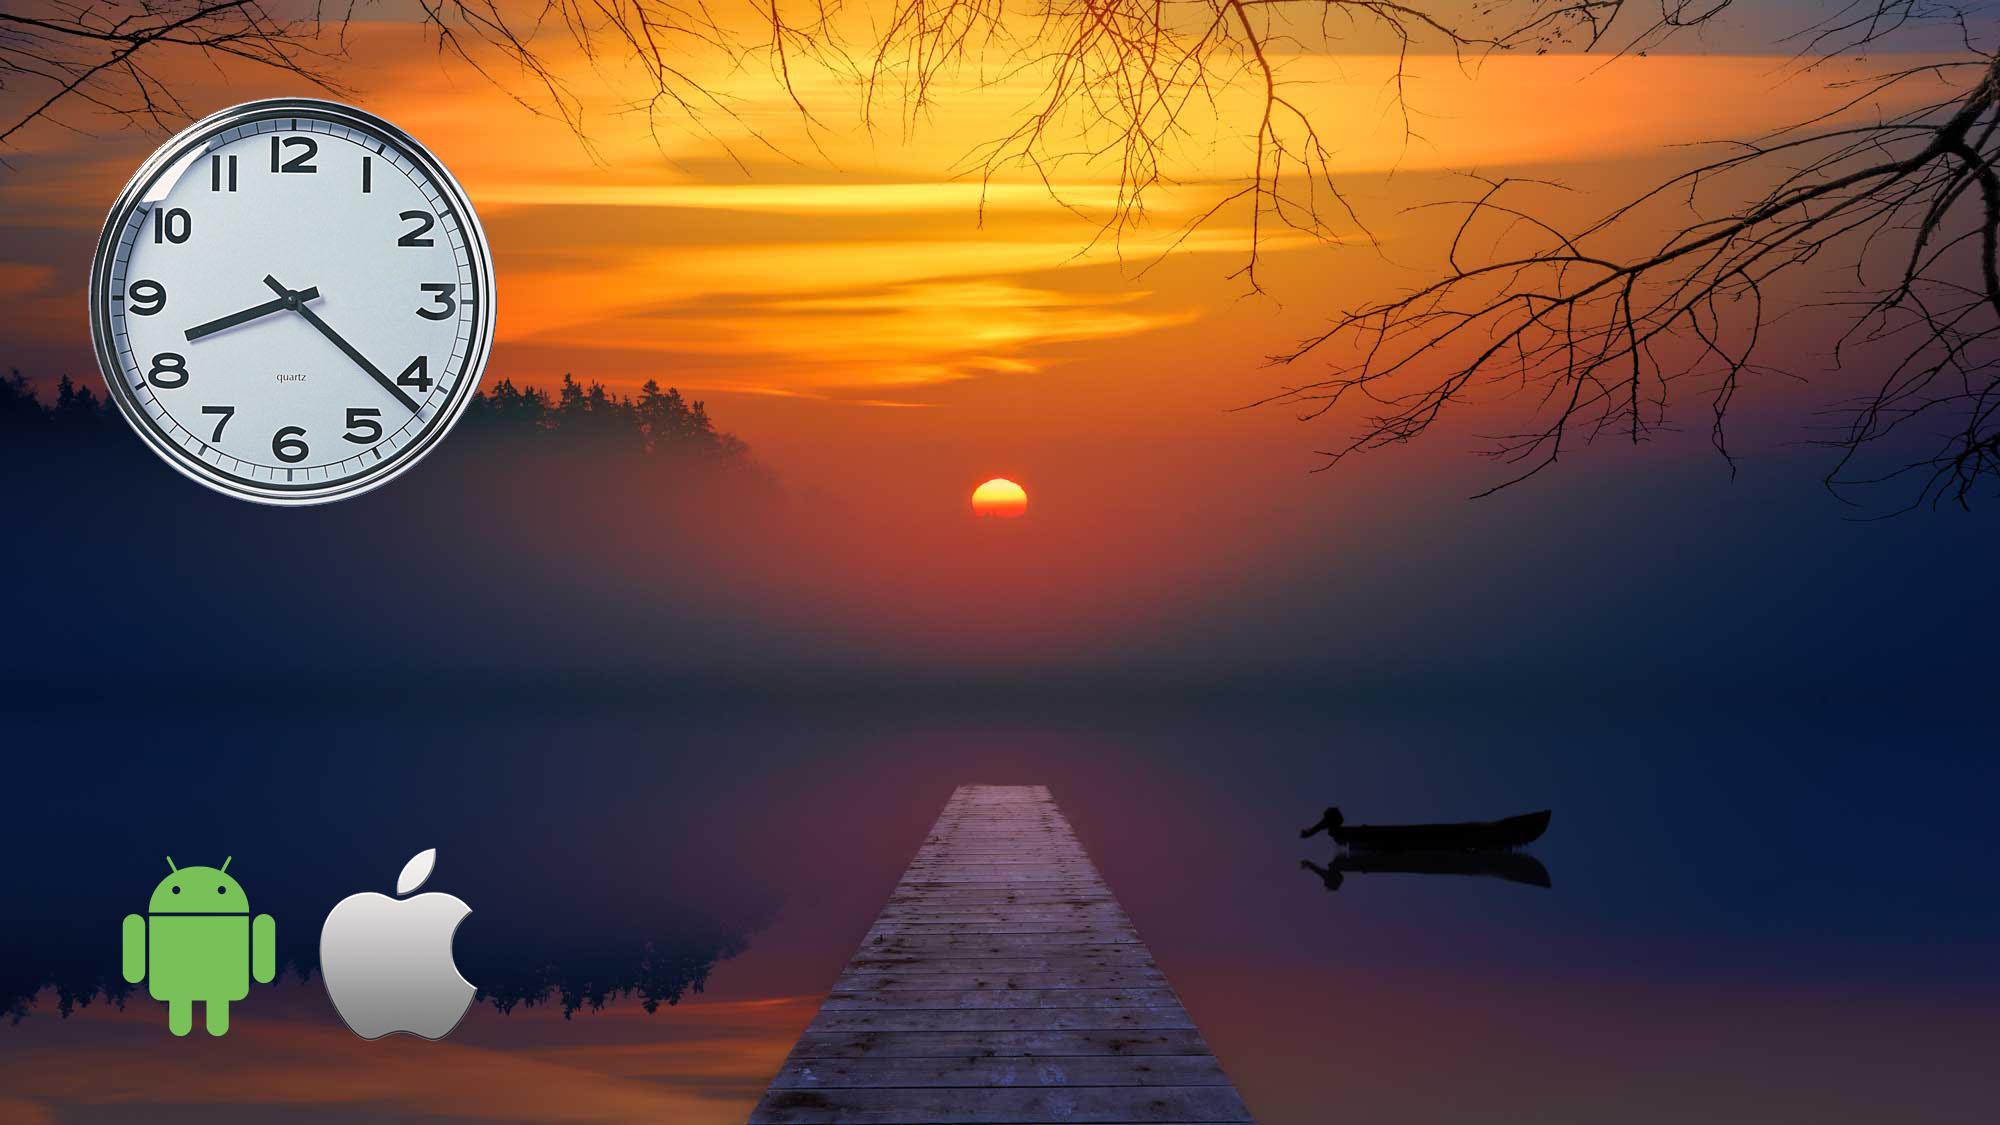 App per orario Tramonto, Alba e Crepuscolo e posizione del Sole